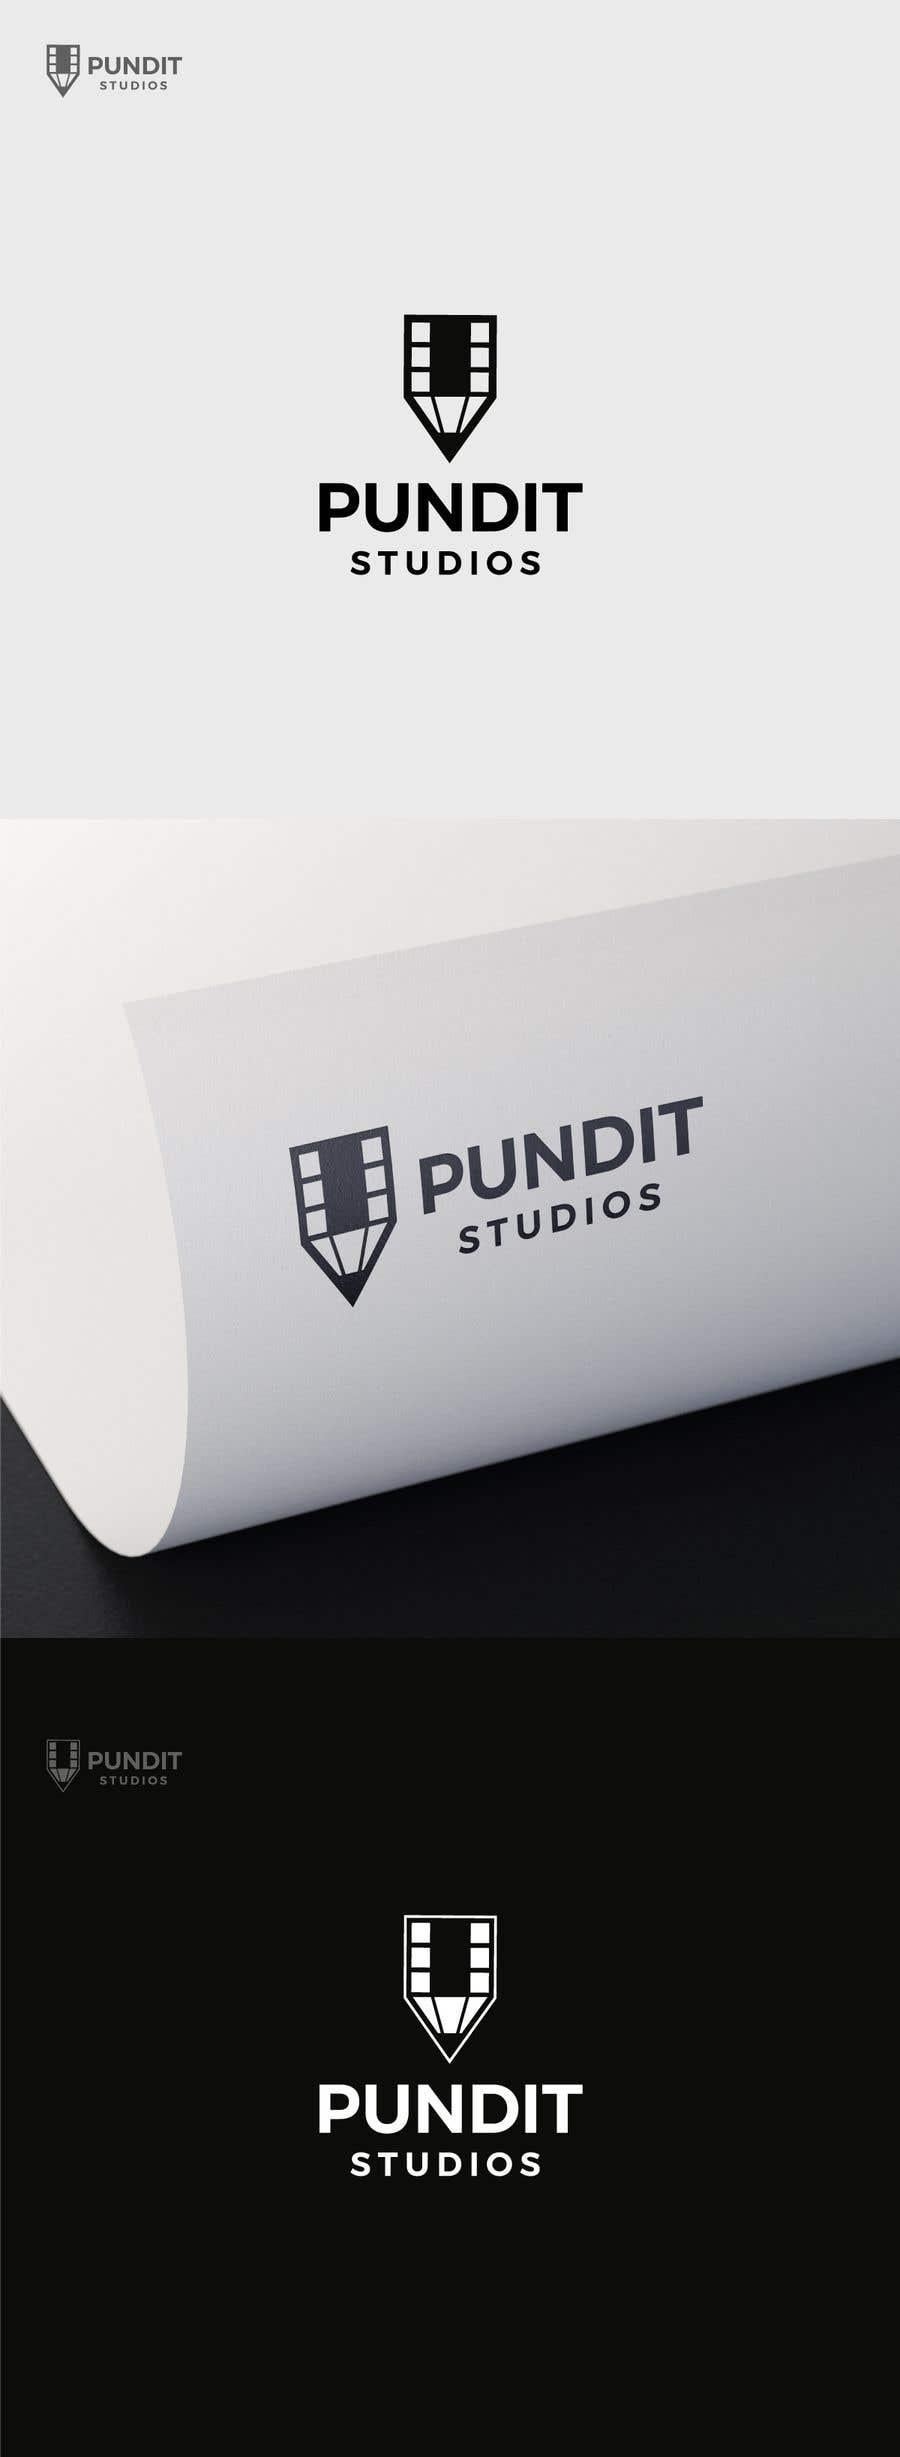 Proposition n°308 du concours Design a Logo for Pundit Studios